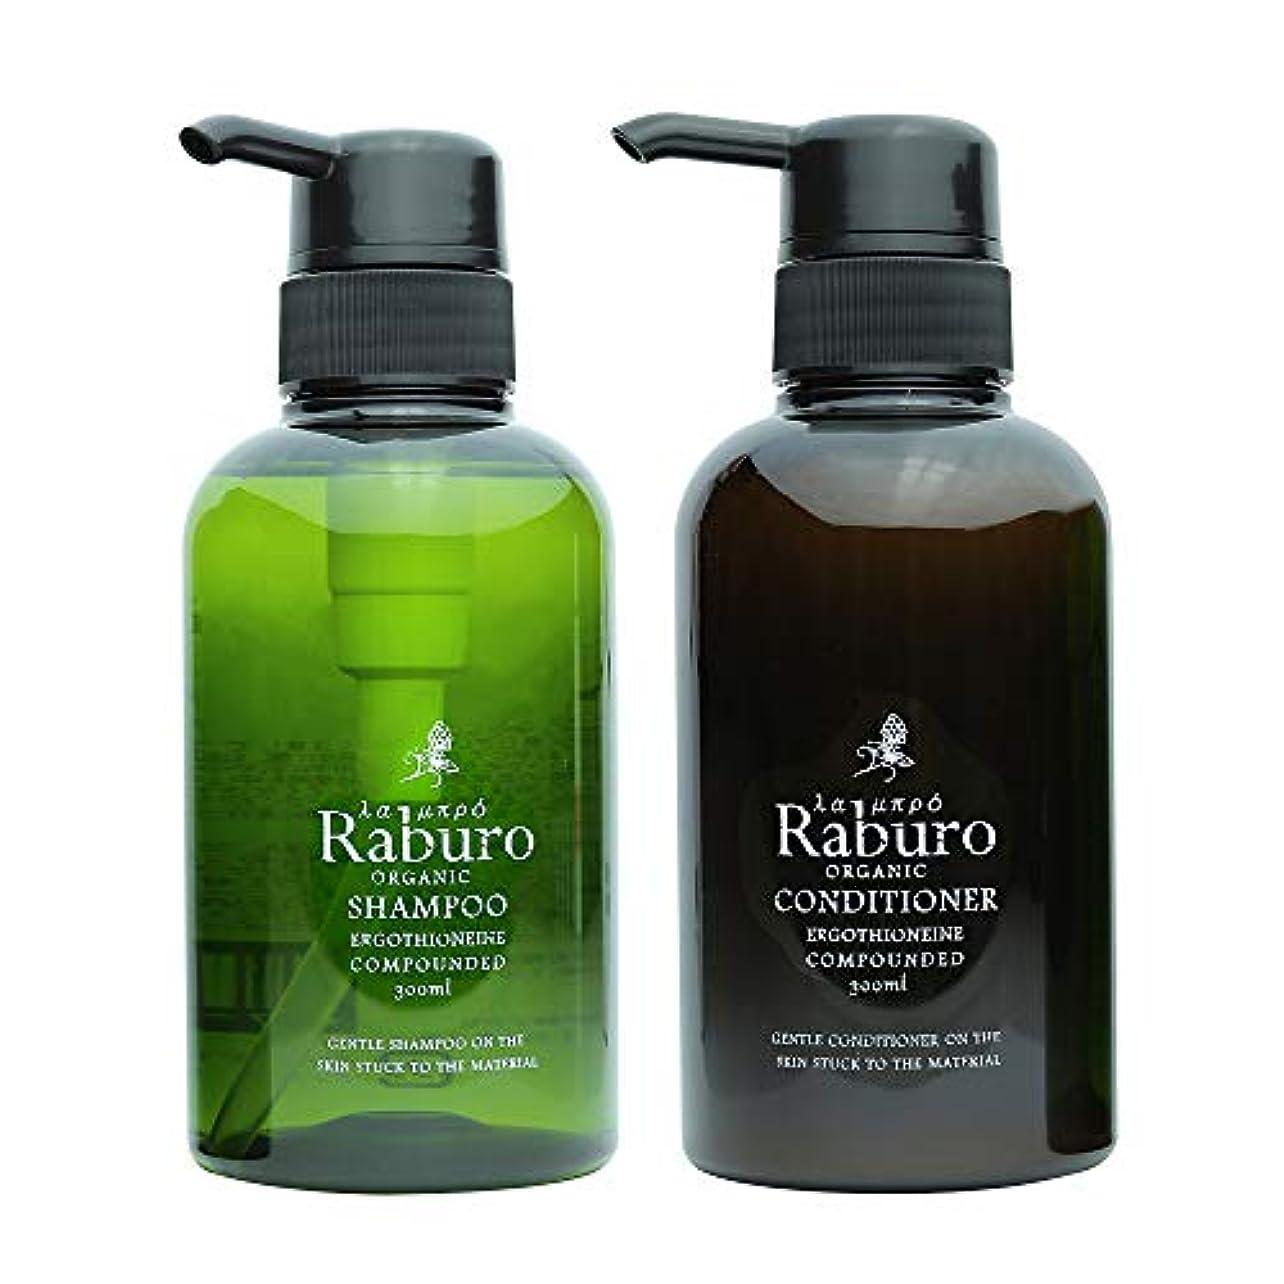 底断言するひばりラブロ(Raburo)オーガニックシャンプー&コンディショナー 300mlセット【男性/女性/子供兼用】髪と頭皮にやさしい15の無添加 低刺激 弱酸性 アミノ酸 ノンシリコン 天然由来成分